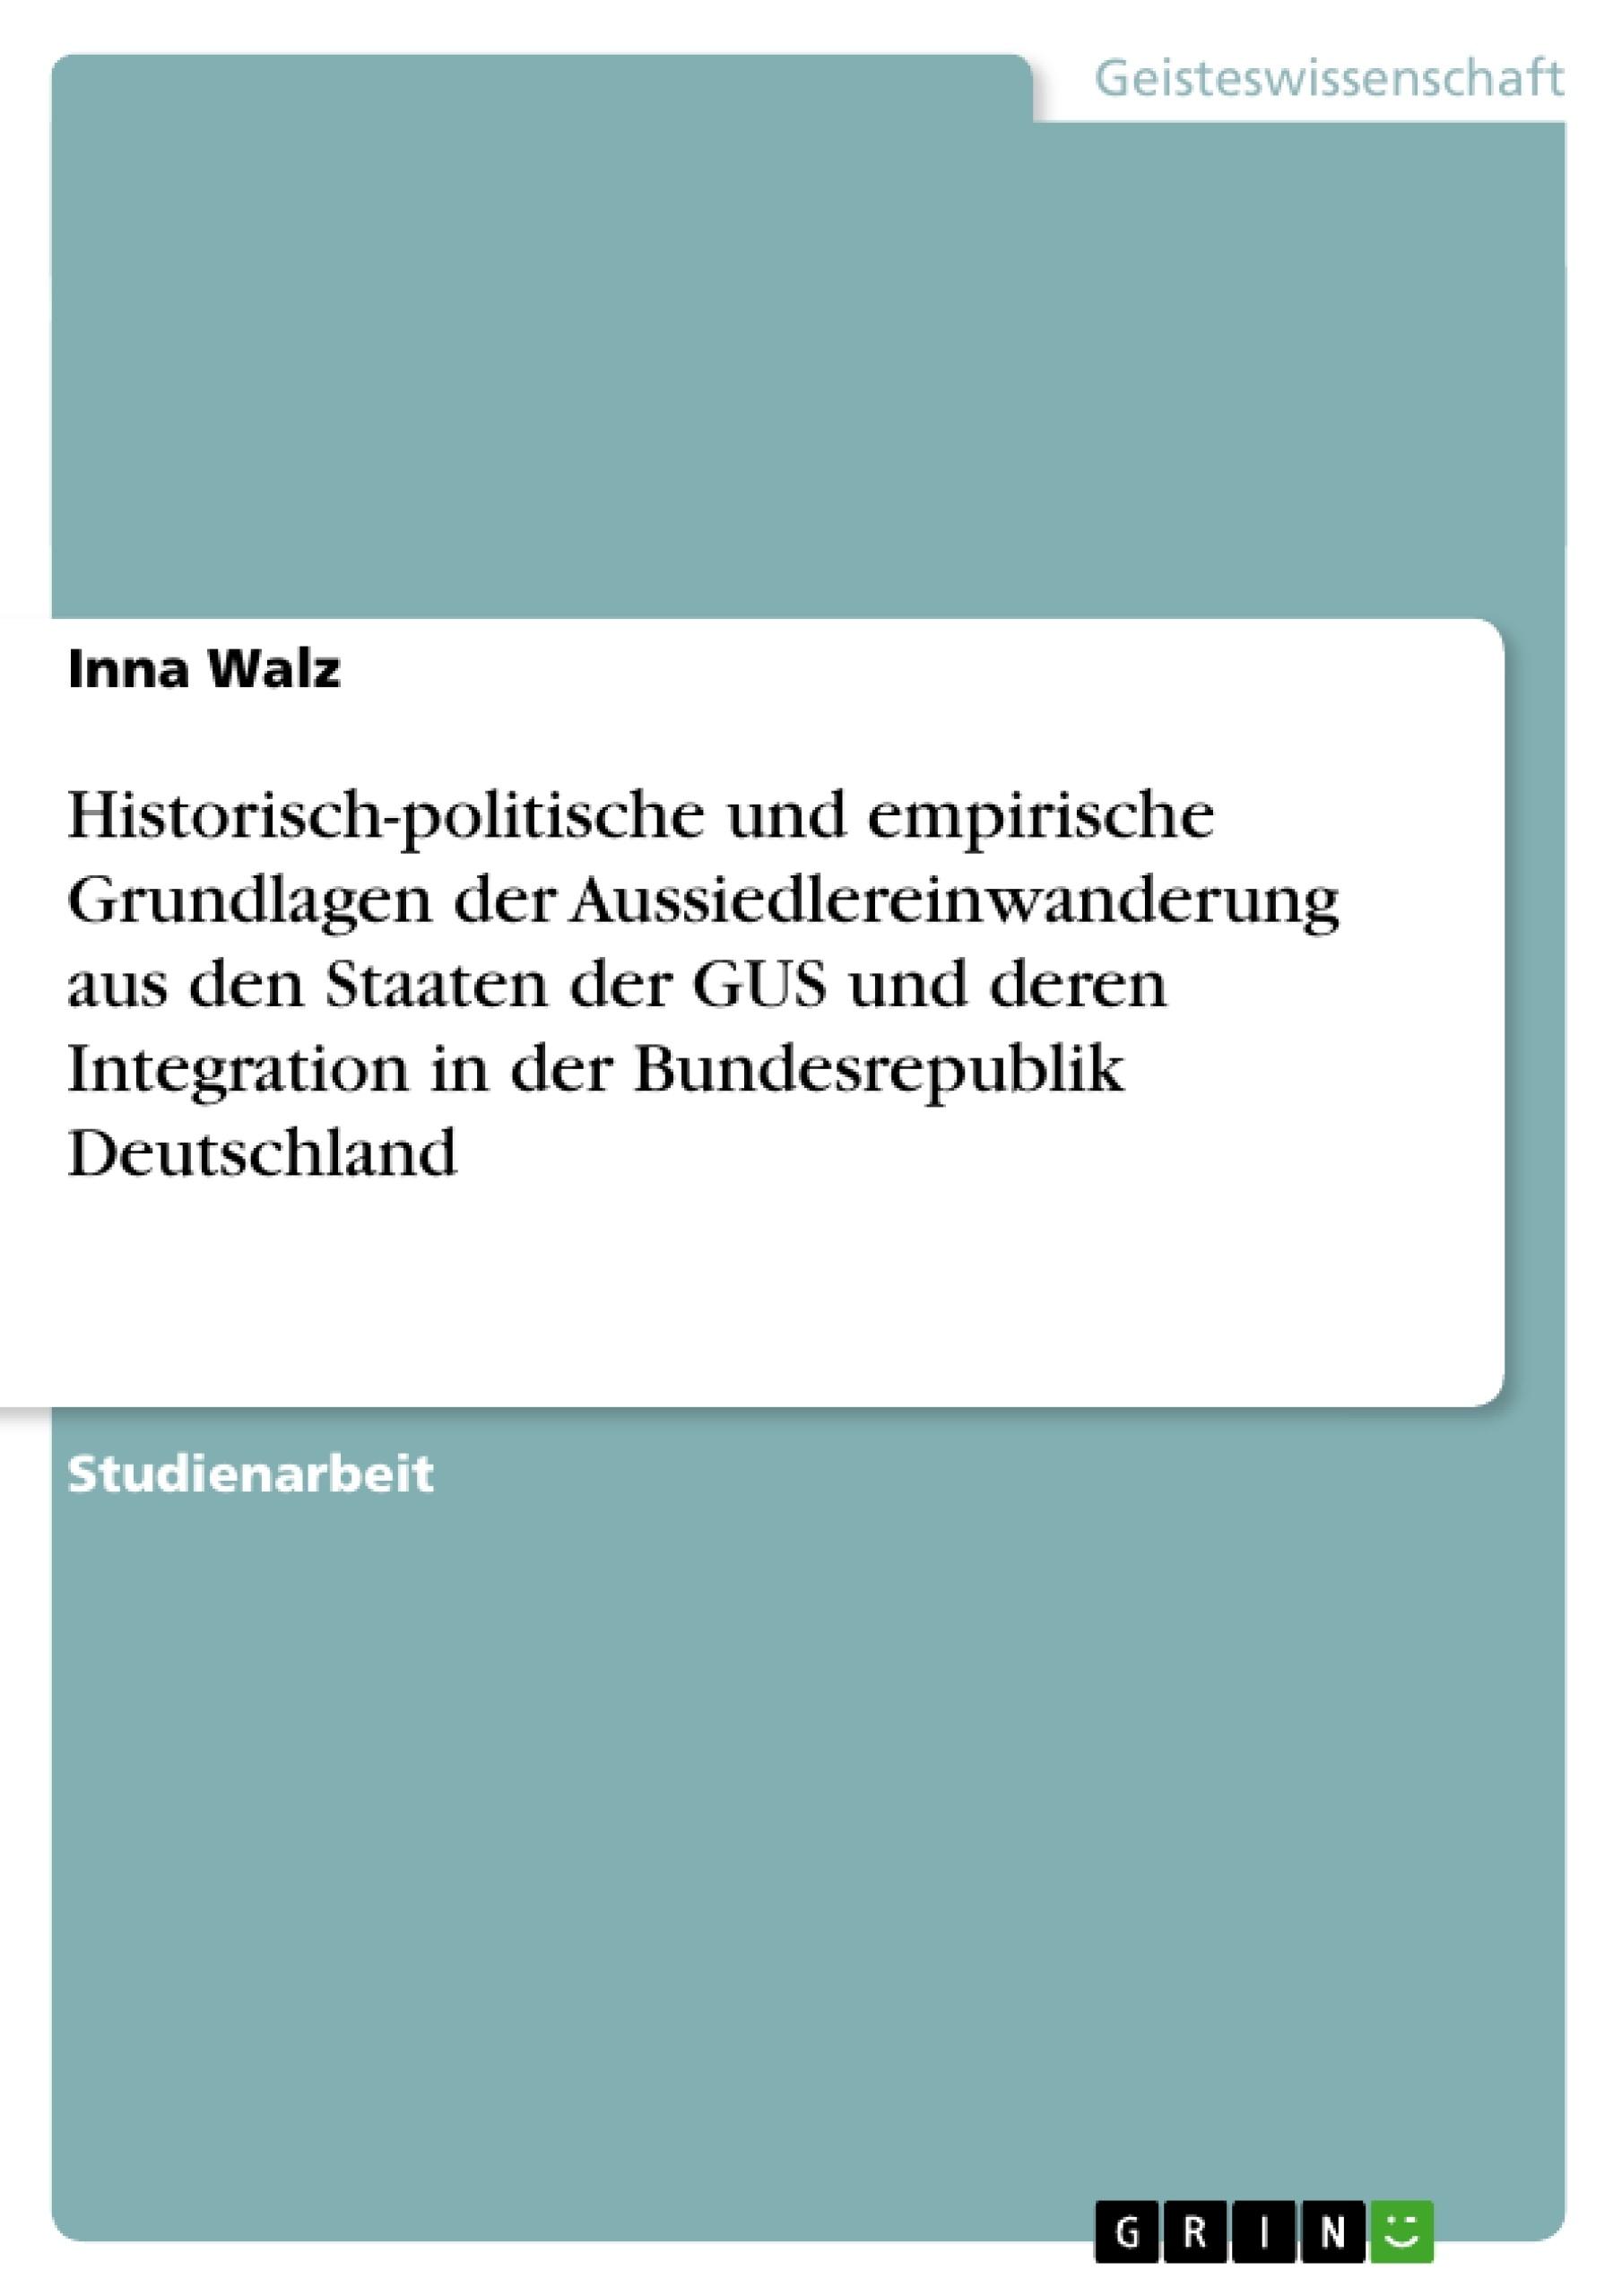 Titel: Historisch-politische und empirische Grundlagen der Aussiedlereinwanderung aus den Staaten der GUS und deren Integration in der Bundesrepublik Deutschland